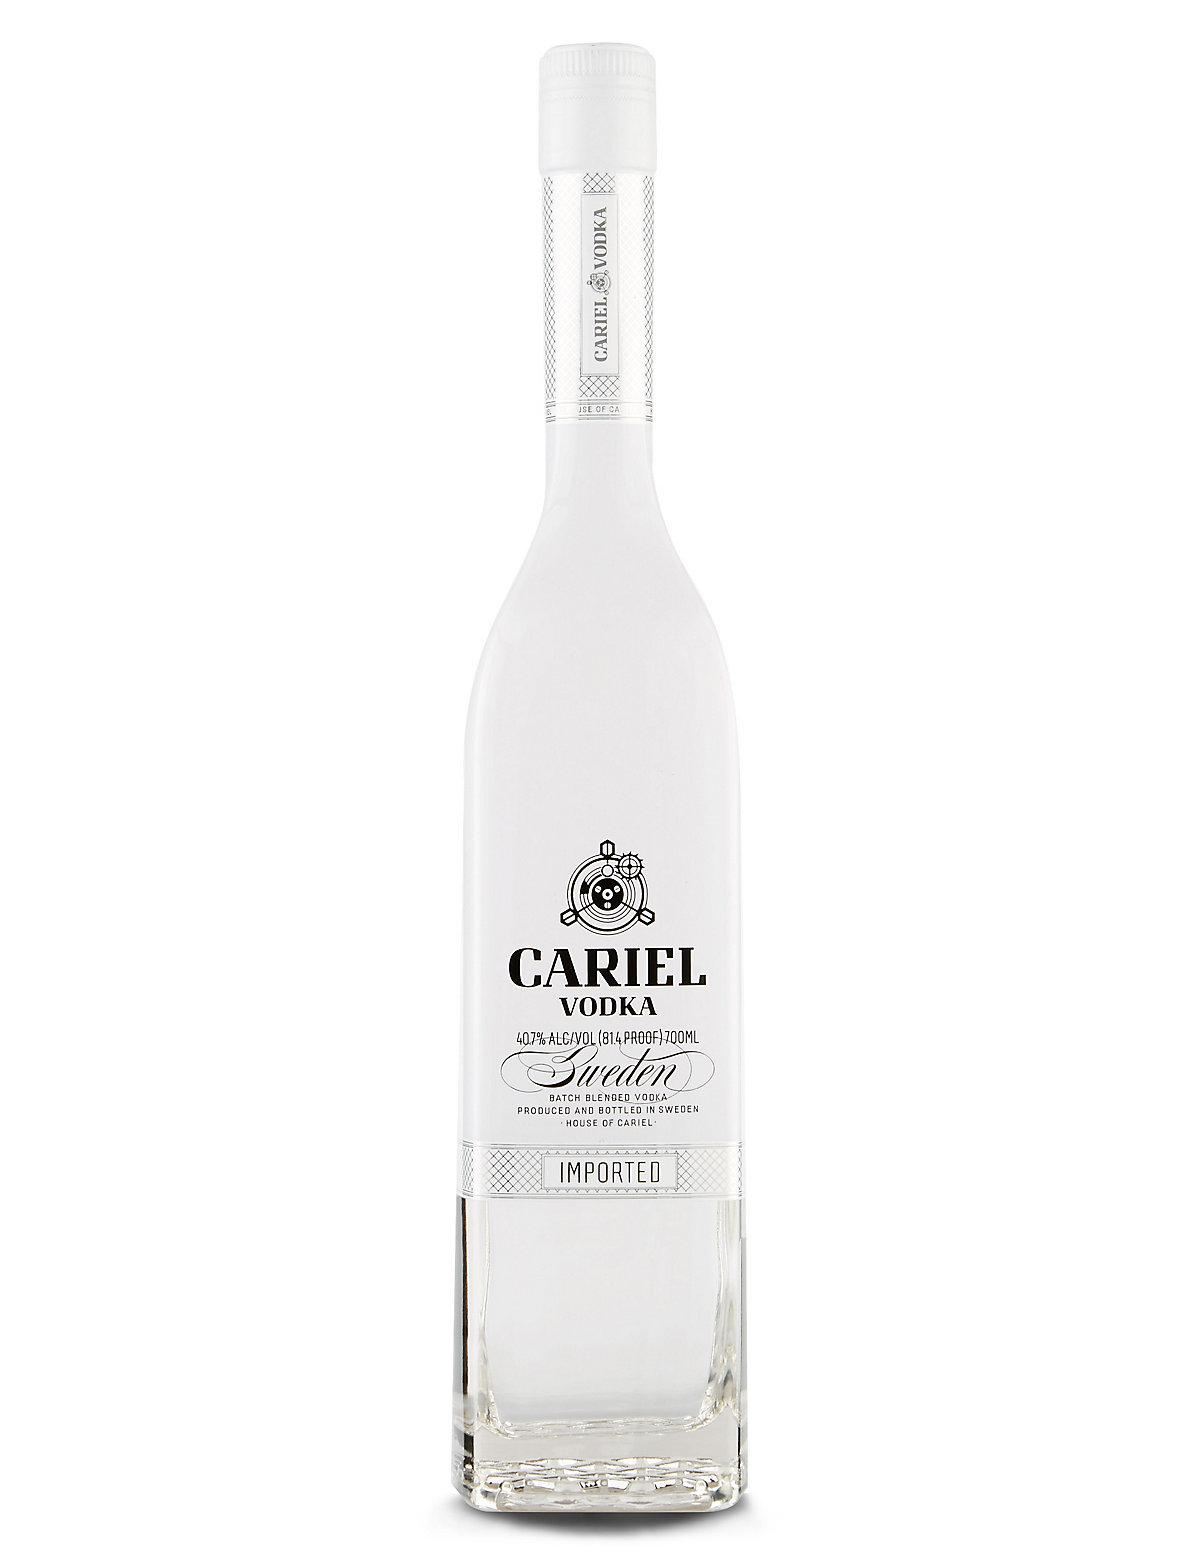 Cariel Swedish Vodka - Single Bottle